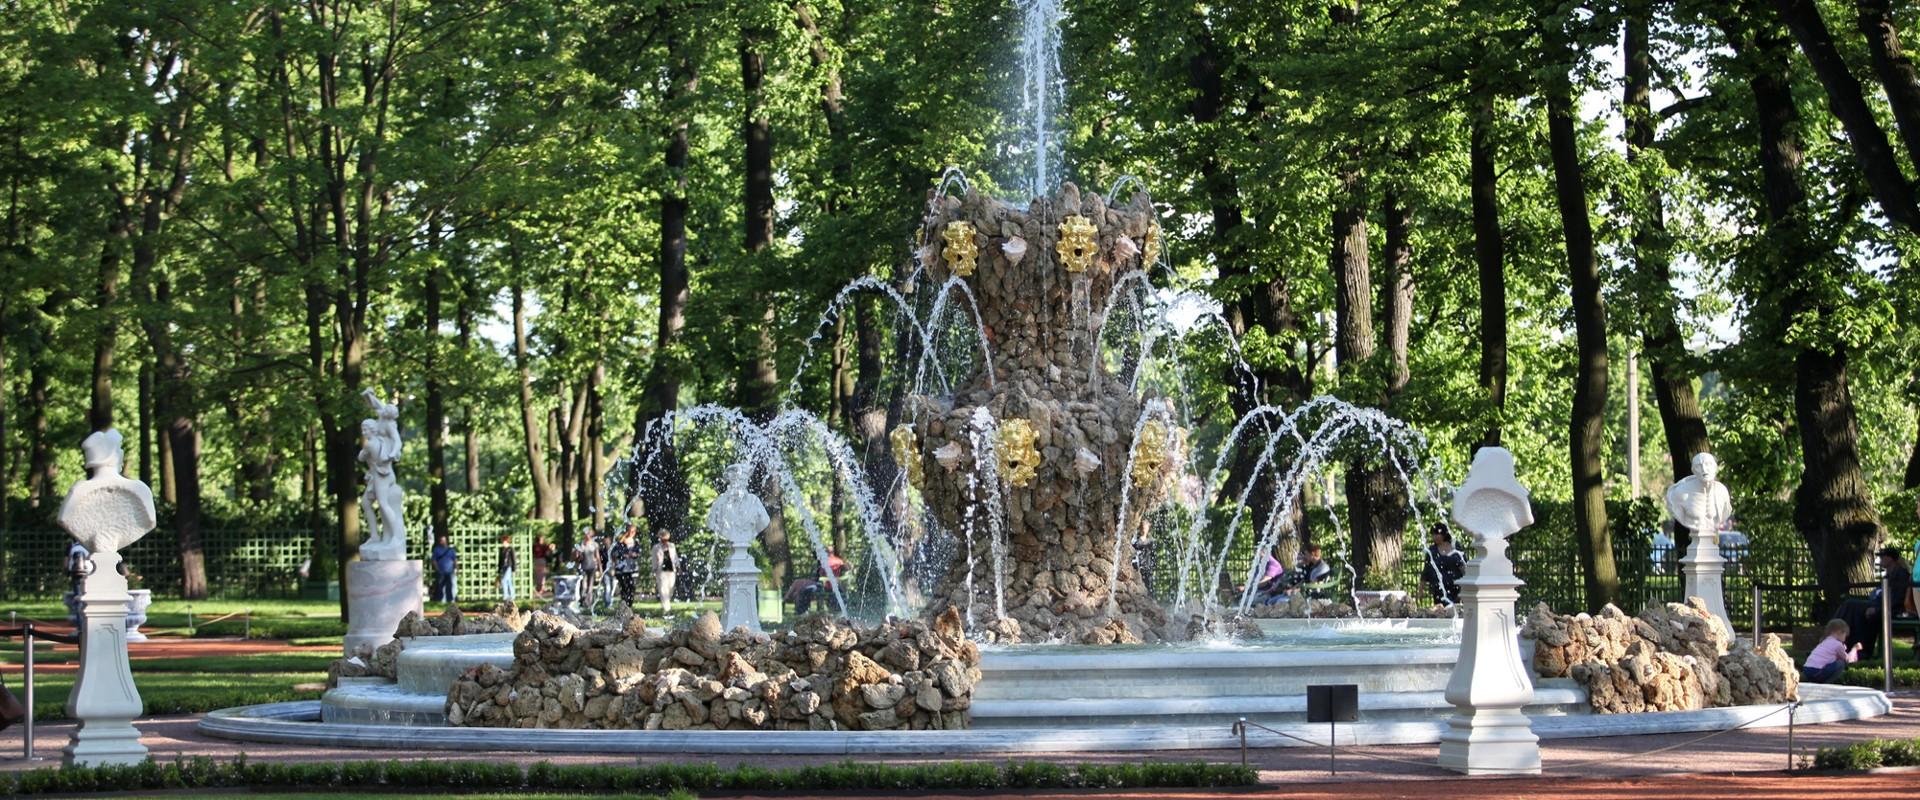 Фонтан в Летнем саду в СПб